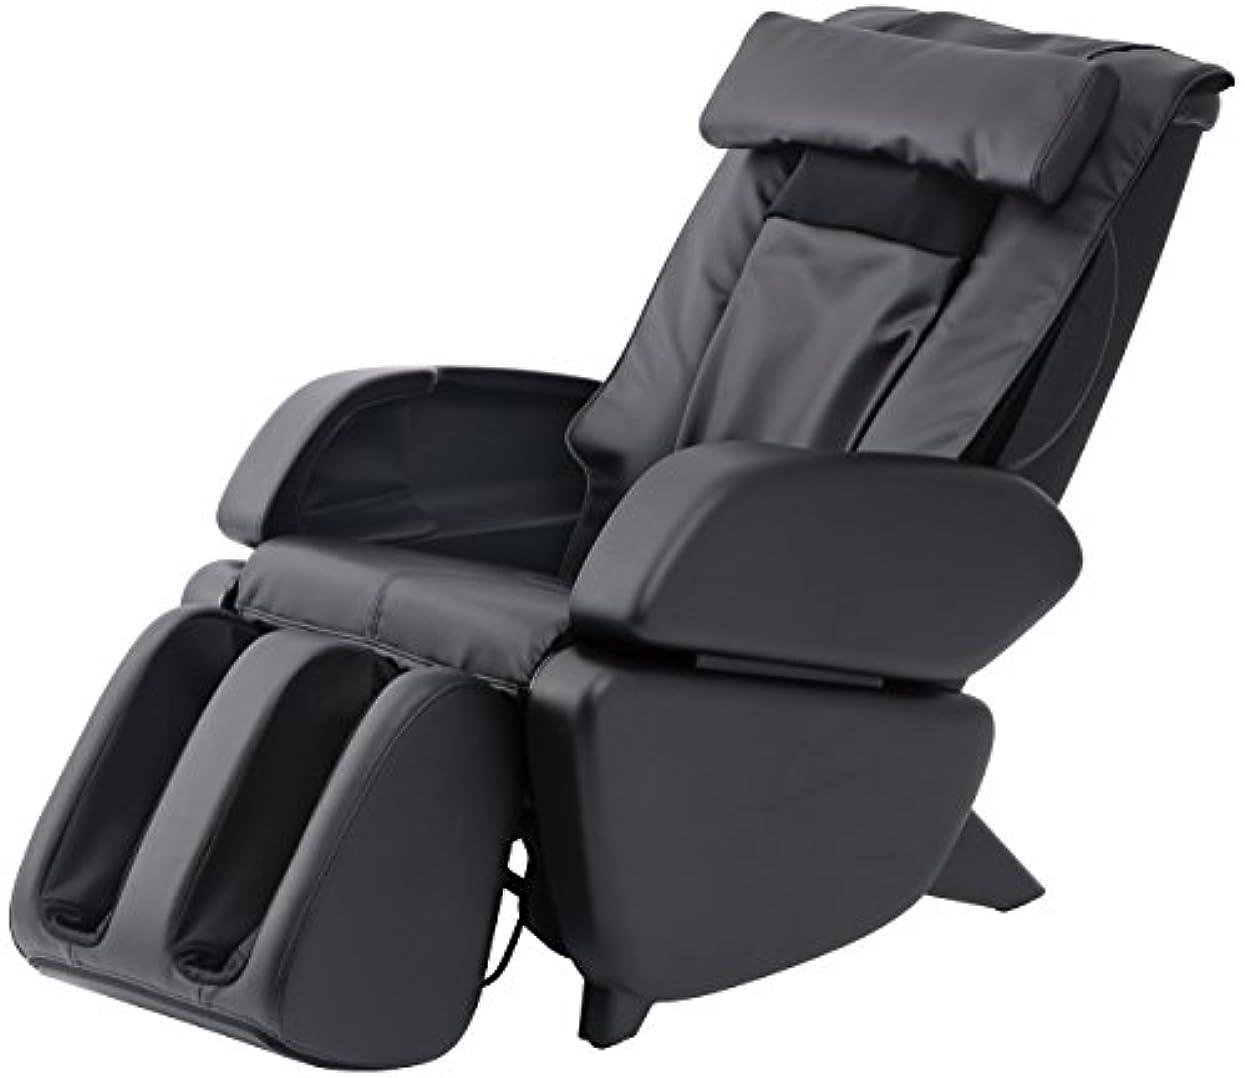 周波数いちゃつくアドバンテージスライヴ マッサージチェア くつろぎ指定席 「つかみもみ機能搭載」 ブラック CHD-9000(K)